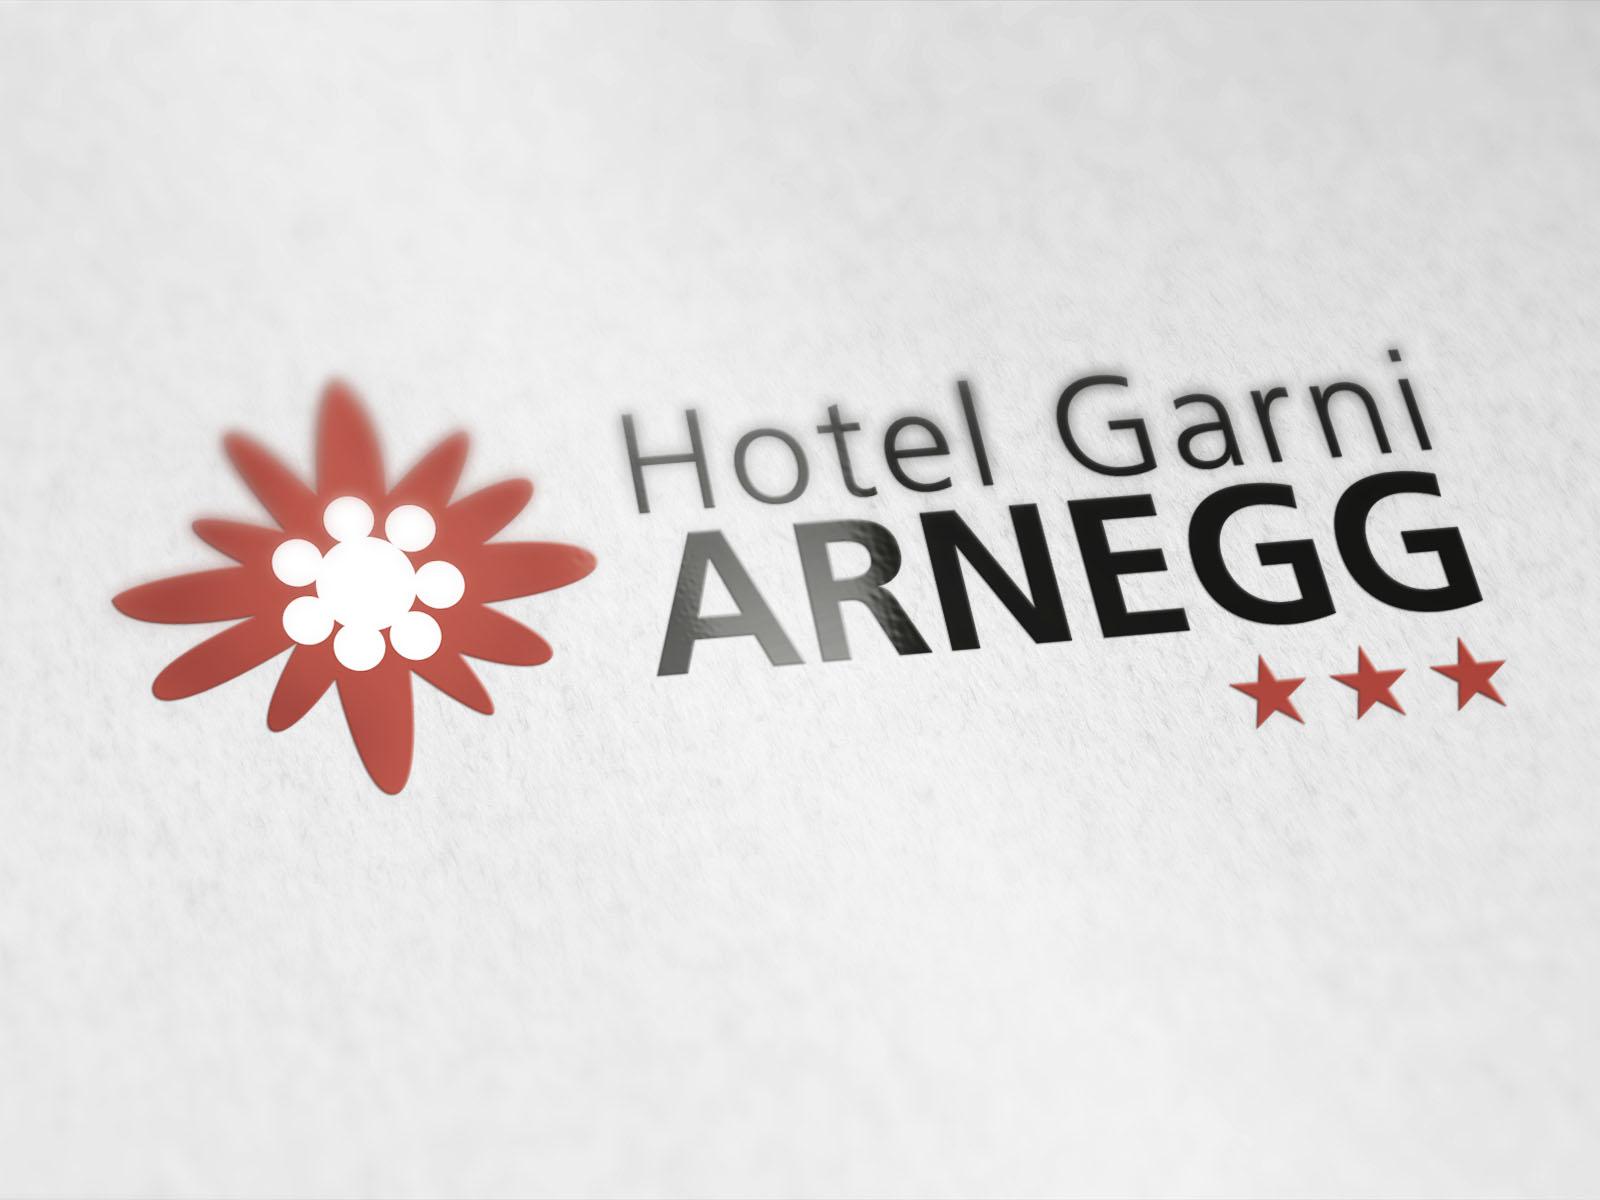 4_arnegg